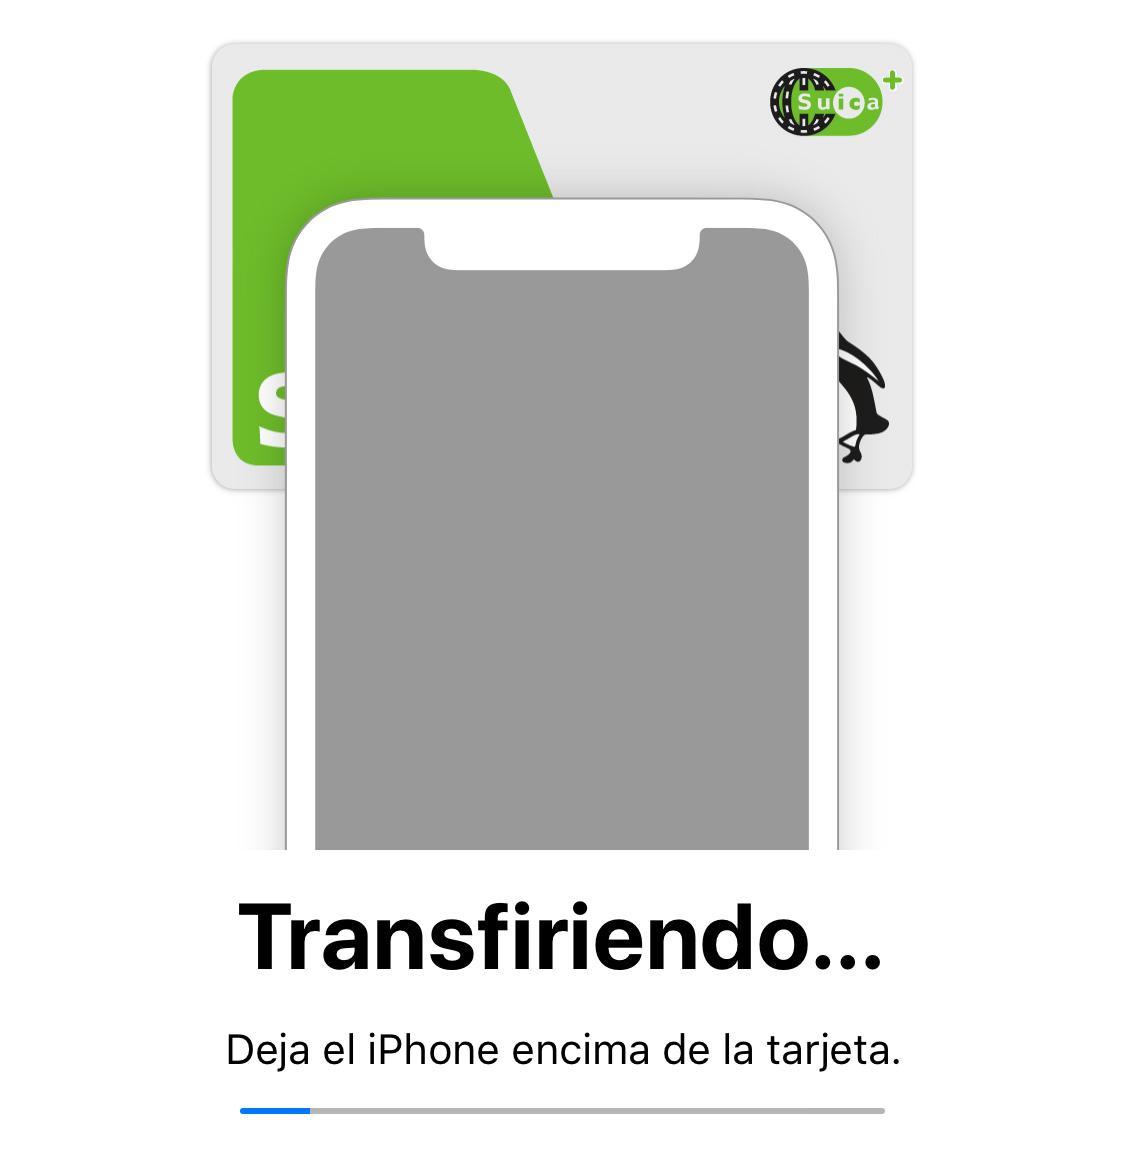 Pasando la Suica al iPhone en la App de Wallet